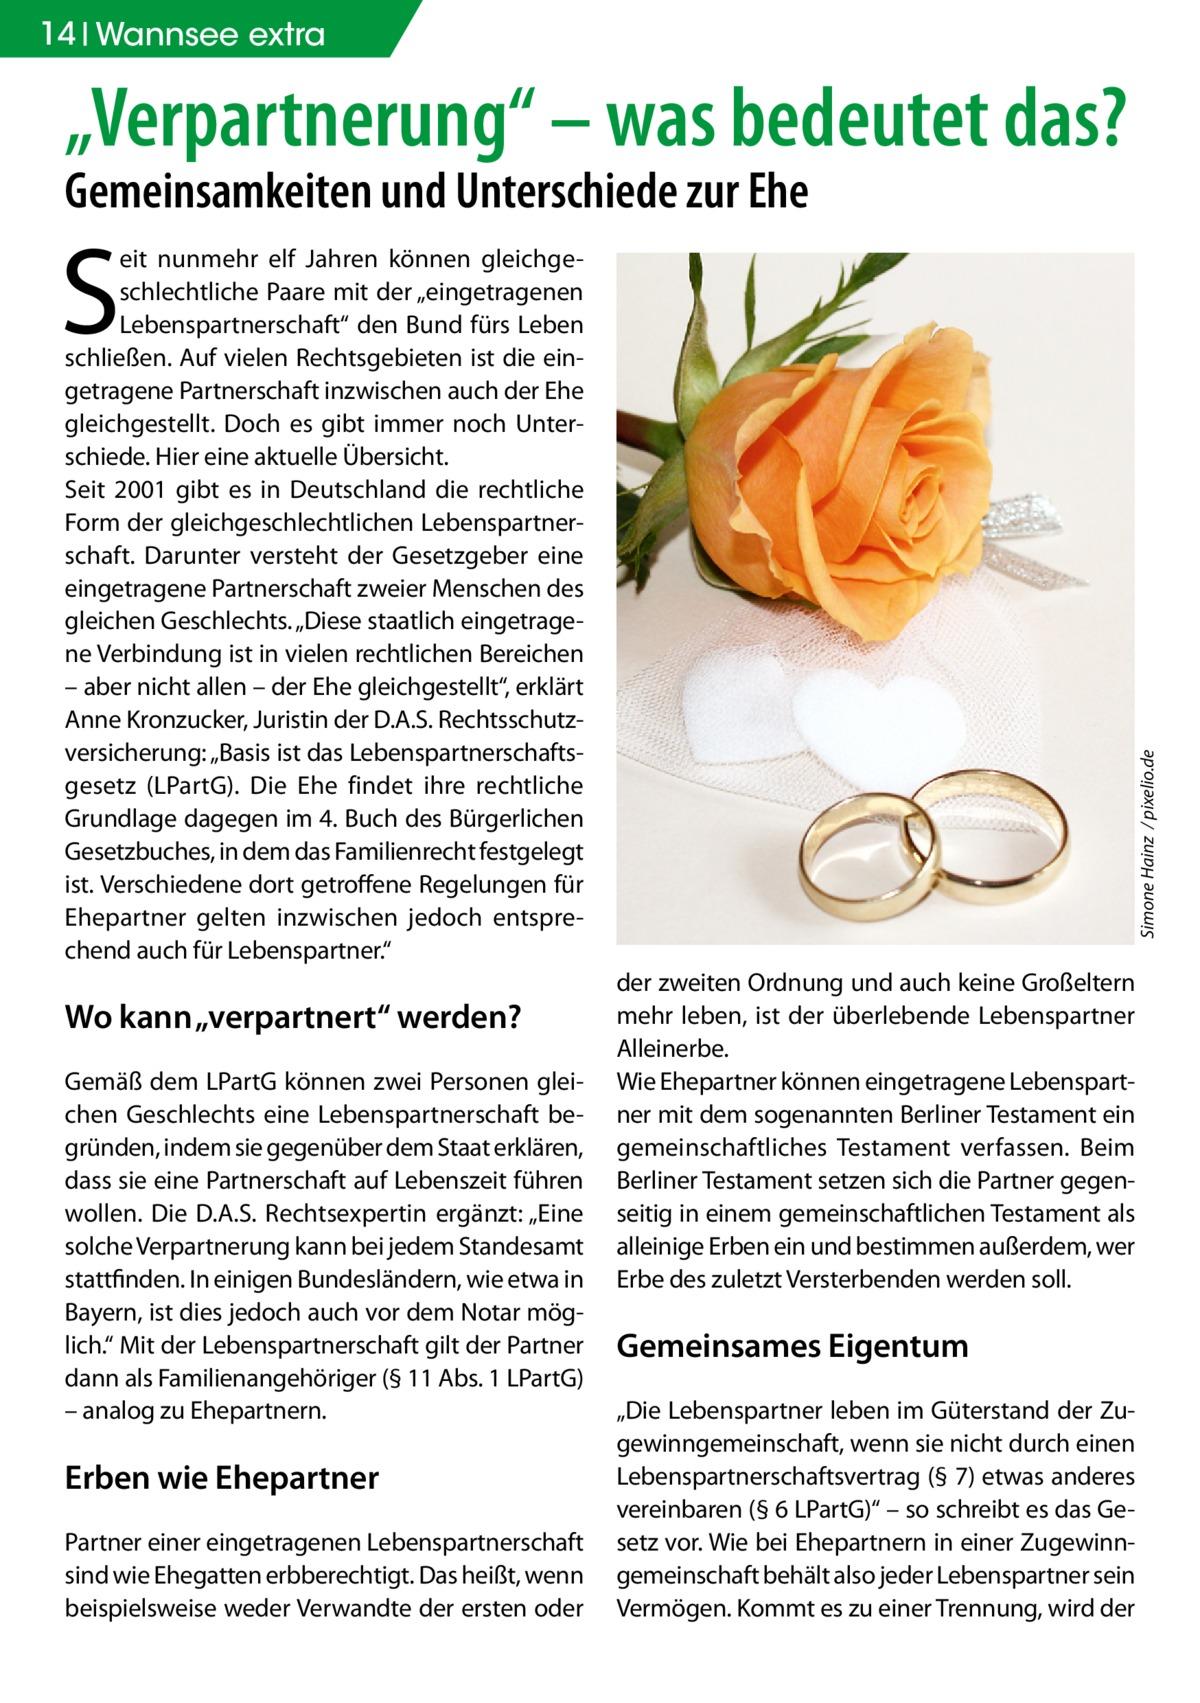 """14 Ratgeber Wannsee extra  """"Verpartnerung"""" – was bedeutet das? Gemeinsamkeiten und Unterschiede zur Ehe  S  Wo kann """"verpartnert"""" werden? Gemäß dem LPartG können zwei Personen gleichen Geschlechts eine Lebenspartnerschaft begründen, indem sie gegenüber dem Staat erklären, dass sie eine Partnerschaft auf Lebenszeit führen wollen. Die D.A.S. Rechtsexpertin ergänzt: """"Eine solche Verpartnerung kann bei jedem Standesamt stattfinden. In einigen Bundesländern, wie etwa in Bayern, ist dies jedoch auch vor dem Notar möglich."""" Mit der Lebenspartnerschaft gilt der Partner dann als Familienangehöriger (§ 11 Abs. 1 LPartG) – analog zu Ehepartnern.  Erben wie Ehepartner Partner einer eingetragenen Lebenspartnerschaft sind wie Ehegatten erbberechtigt. Das heißt, wenn beispielsweise weder Verwandte der ersten oder  Simone Hainz / pixelio.de  eit nunmehr elf Jahren können gleichgeschlechtliche Paare mit der """"eingetragenen Lebenspartnerschaft"""" den Bund fürs Leben schließen. Auf vielen Rechtsgebieten ist die eingetragene Partnerschaft inzwischen auch der Ehe gleichgestellt. Doch es gibt immer noch Unterschiede. Hier eine aktuelle Übersicht. Seit 2001 gibt es in Deutschland die rechtliche Form der gleichgeschlechtlichen Lebenspartnerschaft. Darunter versteht der Gesetzgeber eine eingetragene Partnerschaft zweier Menschen des gleichen Geschlechts. """"Diese staatlich eingetragene Verbindung ist in vielen rechtlichen Bereichen – aber nicht allen – der Ehe gleichgestellt"""", erklärt Anne Kronzucker, Juristin der D.A.S. Rechtsschutzversicherung: """"Basis ist das Lebenspartnerschaftsgesetz (LPartG). Die Ehe findet ihre rechtliche Grundlage dagegen im 4. Buch des Bürgerlichen Gesetzbuches, in dem das Familienrecht festgelegt ist. Verschiedene dort getroffene Regelungen für Ehepartner gelten inzwischen jedoch entsprechend auch für Lebenspartner."""" der zweiten Ordnung und auch keine Großeltern mehr leben, ist der überlebende Lebenspartner Alleinerbe. Wie Ehepartner können eingetragene Lebenspartner mi"""